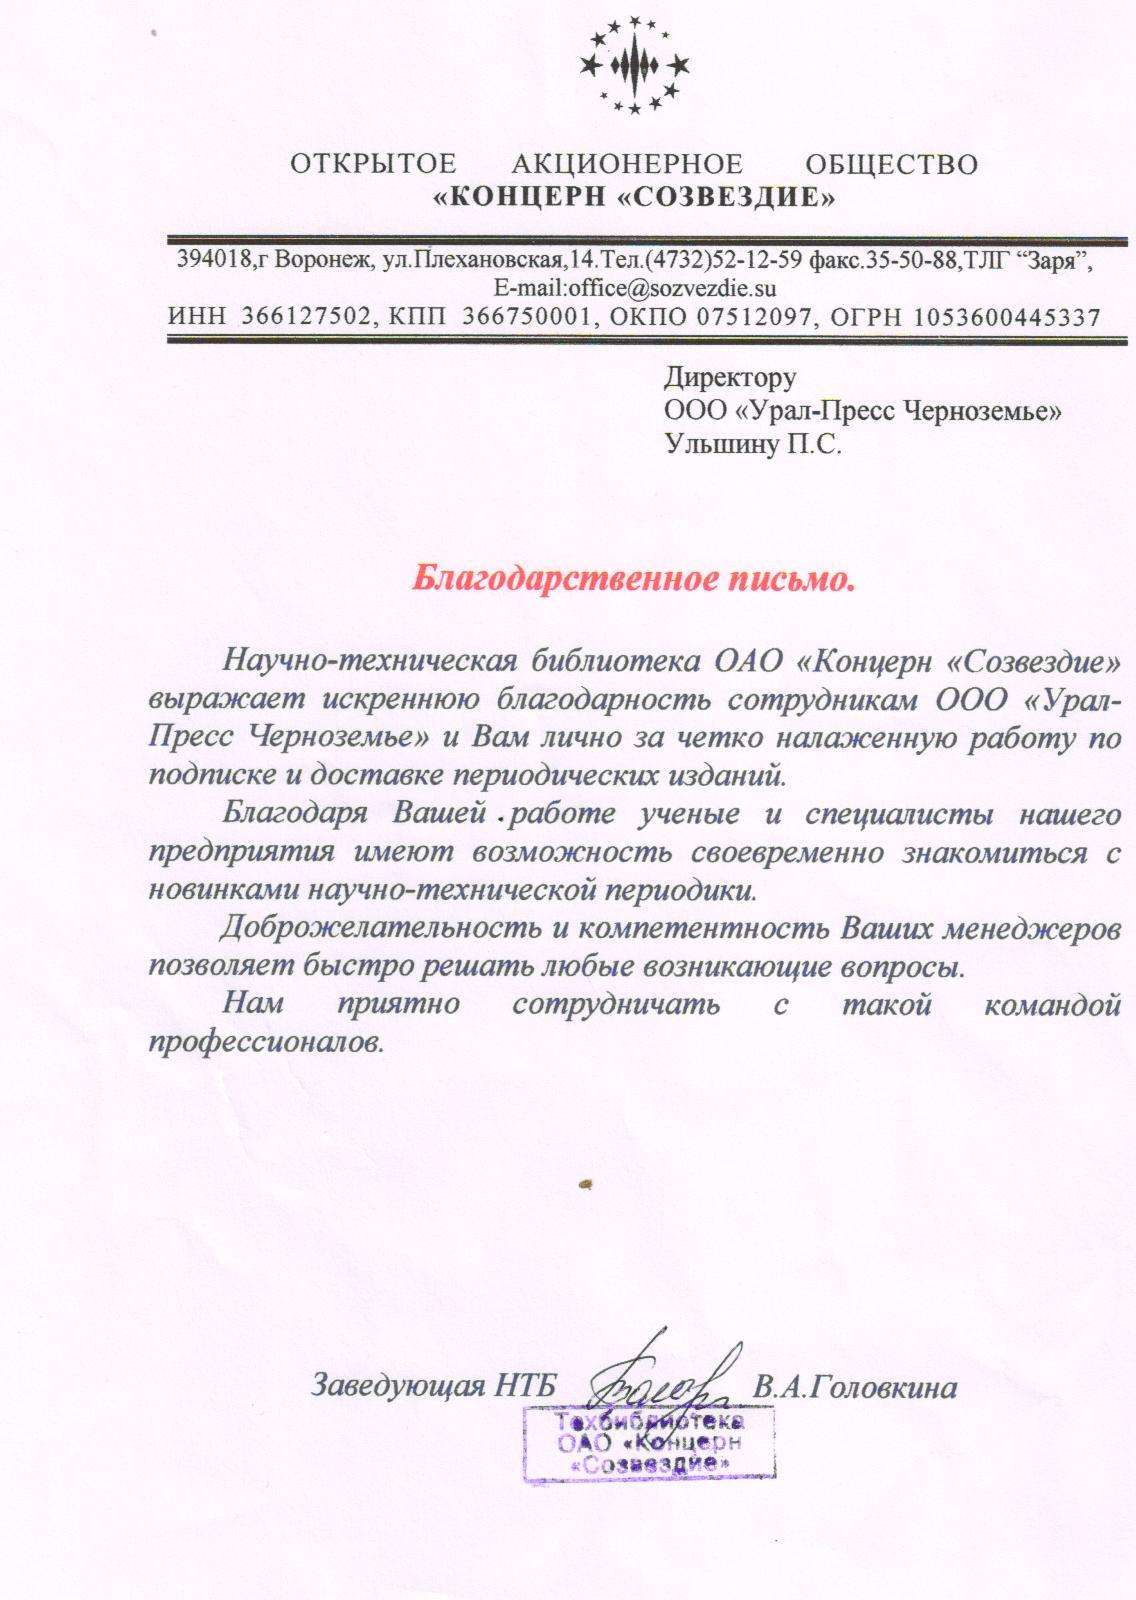 бланк заказа периодических изданий ф сп-1